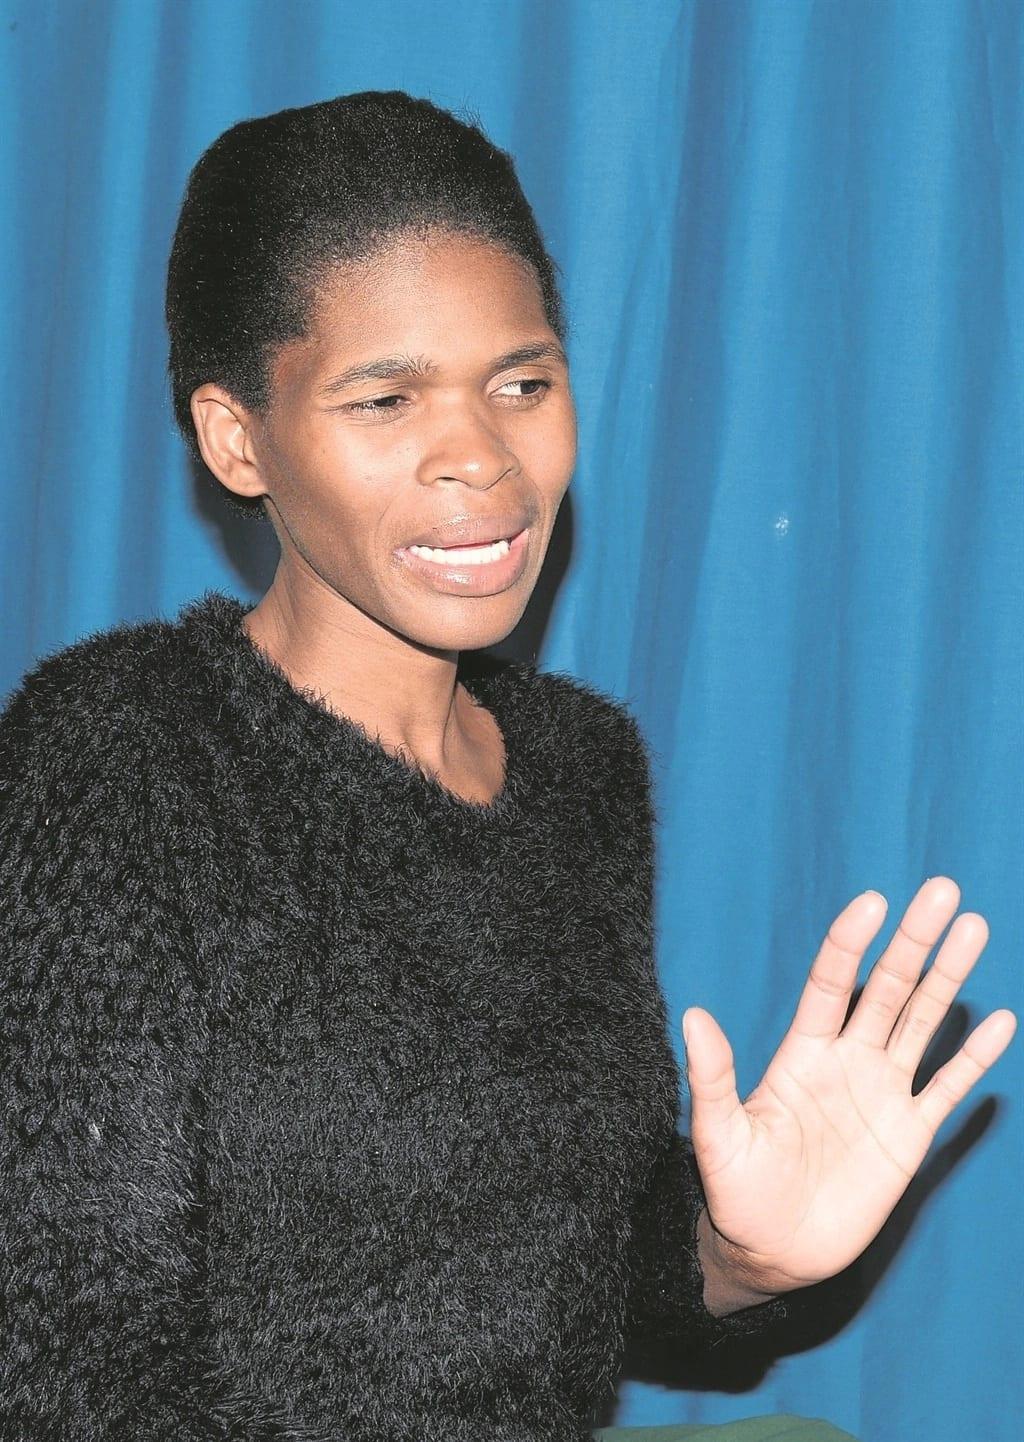 Thandeka Mtshali can't get an ID. Source: Daily Sun/Morapedi Mashashe